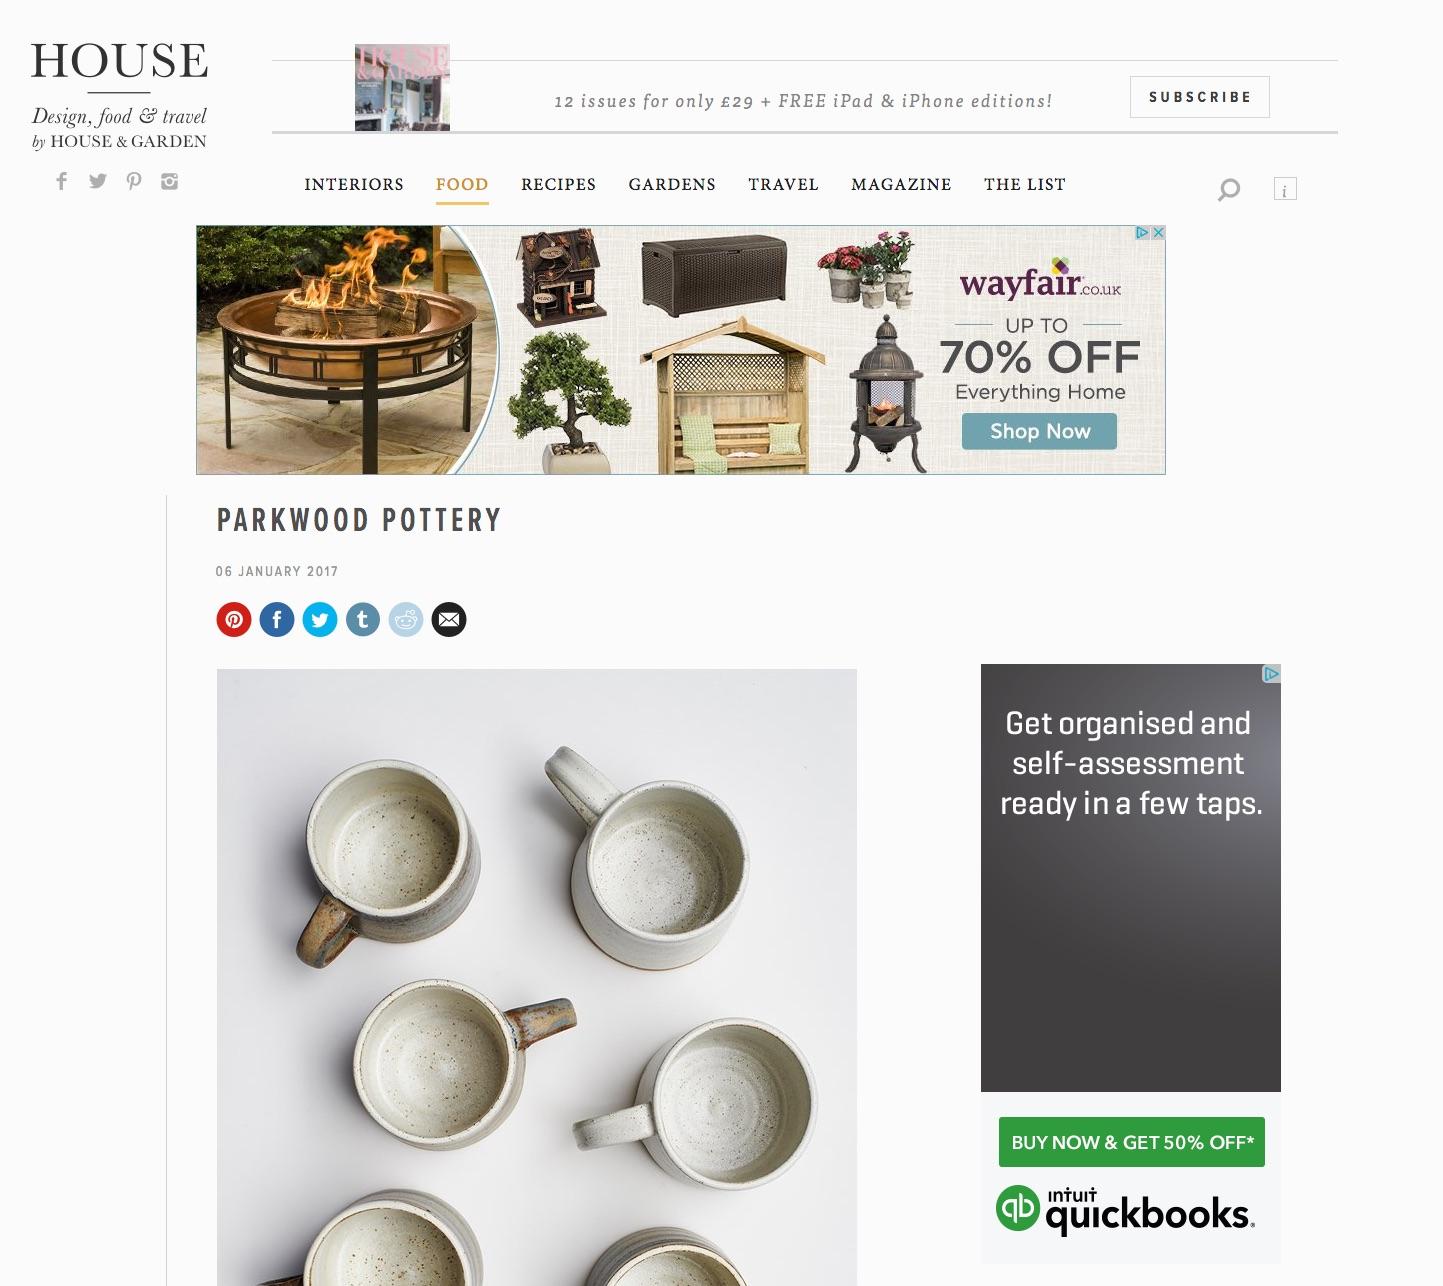 House , January 2017, Lane & Parkwood Pottery Stoneware Mugs